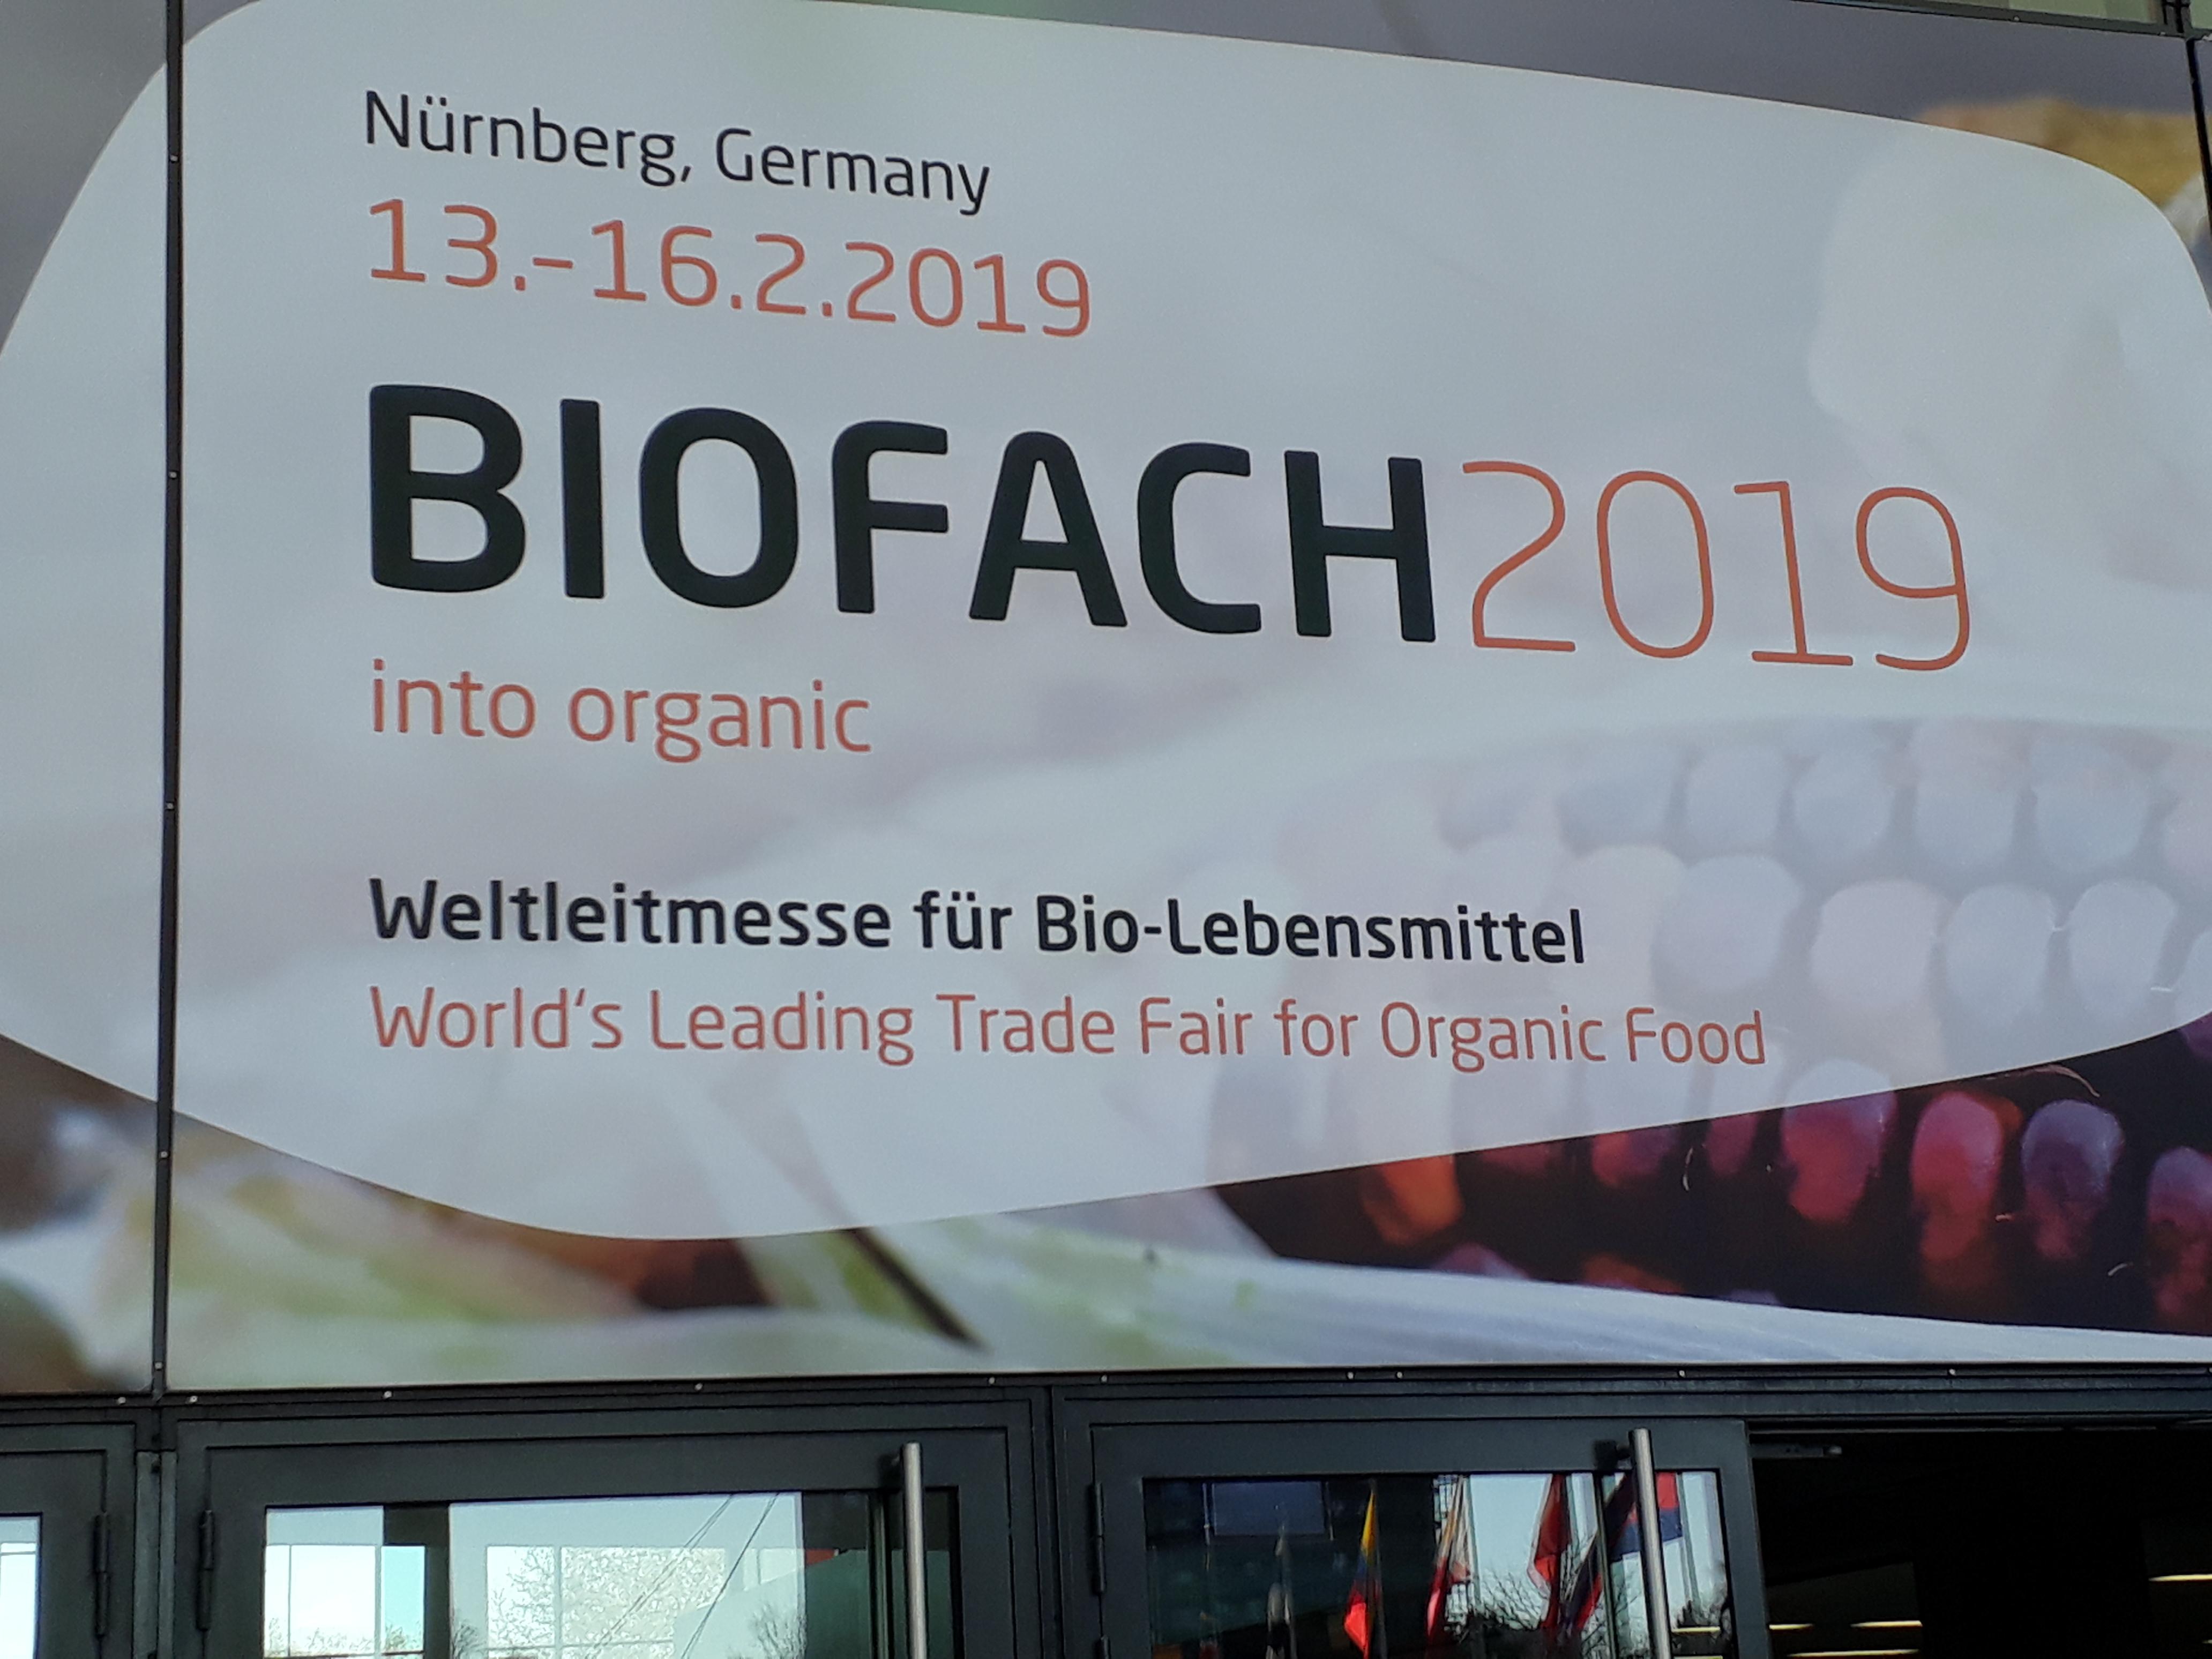 Die Biofach Nürnberg ist die weltgrößte Messe für Biolebensmittel, Foto: Dr. Karl Kempkens, Landwirtschaftskammer NRW